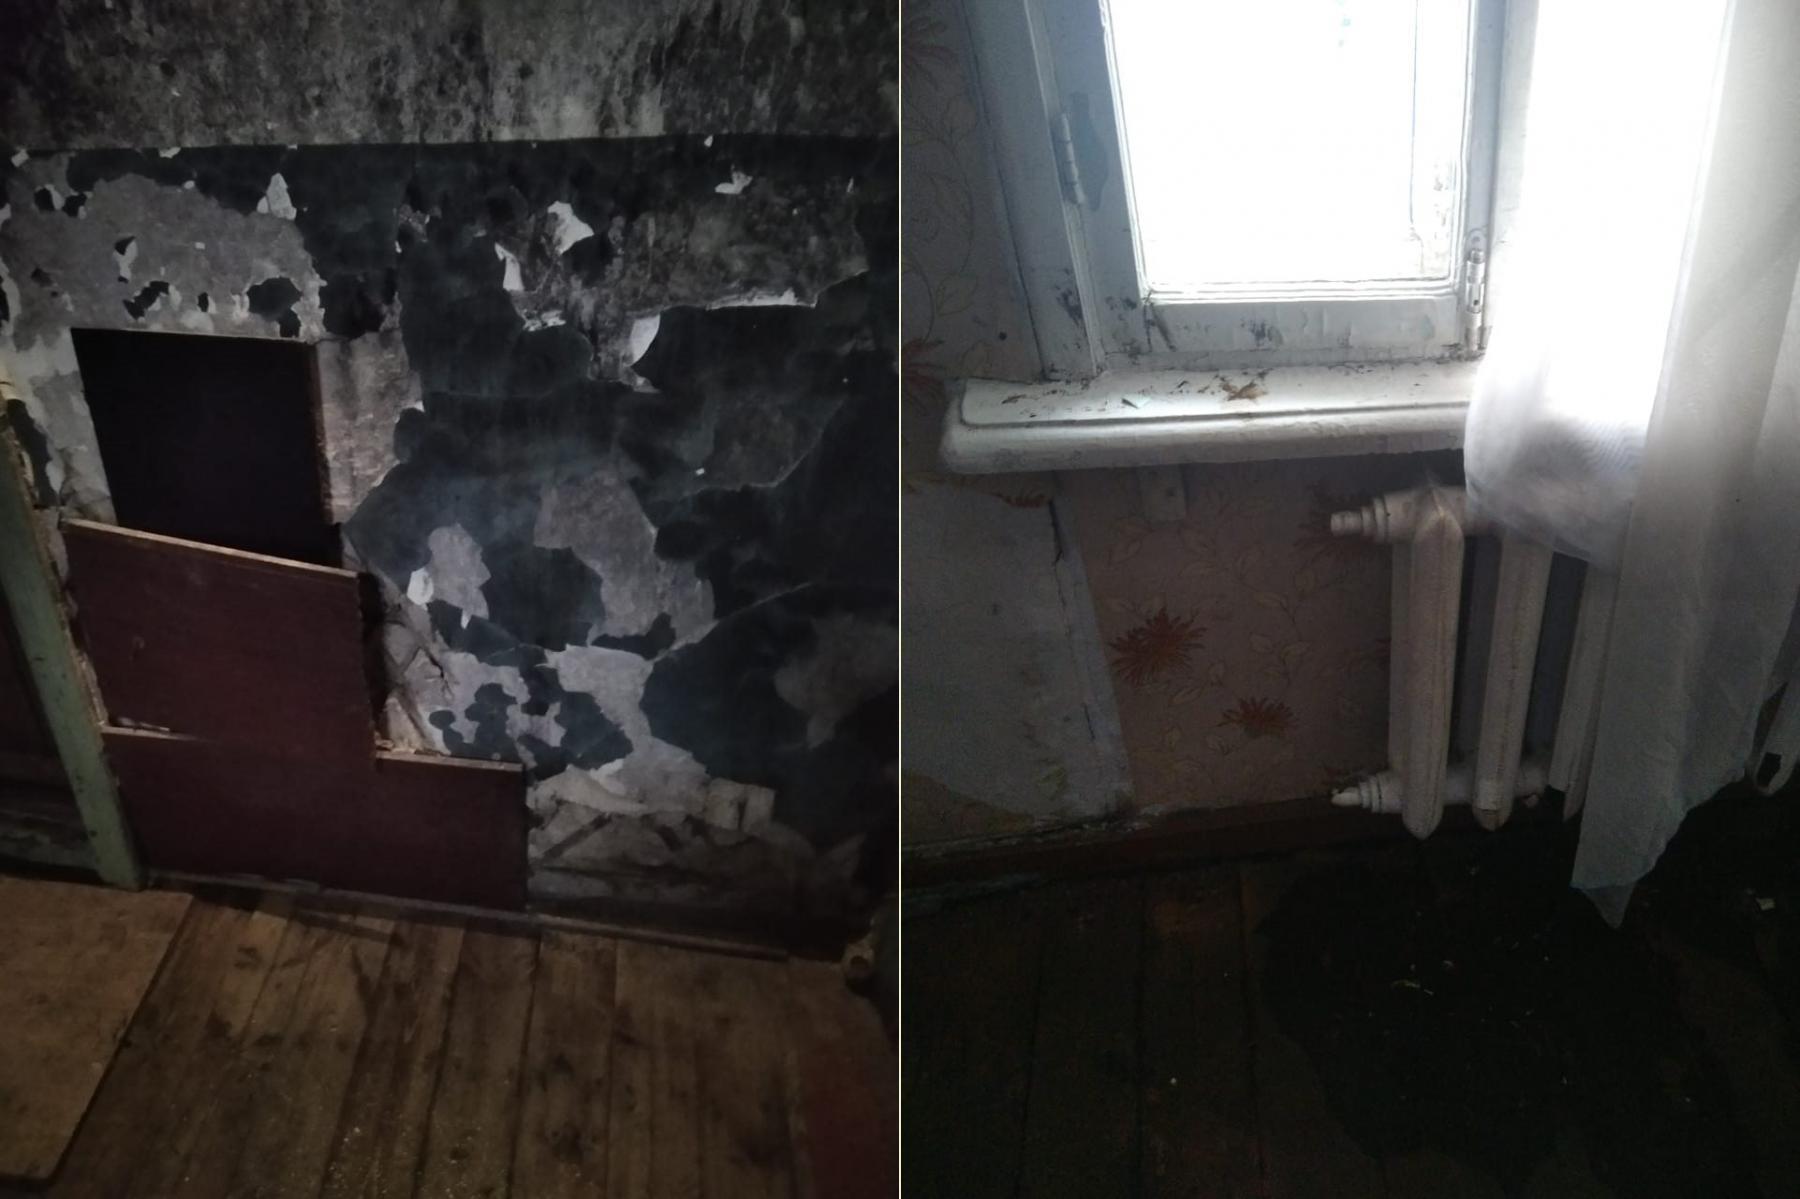 Фото «Адские трущобы 21 века»: десять жутких фото из затопленного кипятком аварийного дома в Новосибирске 10